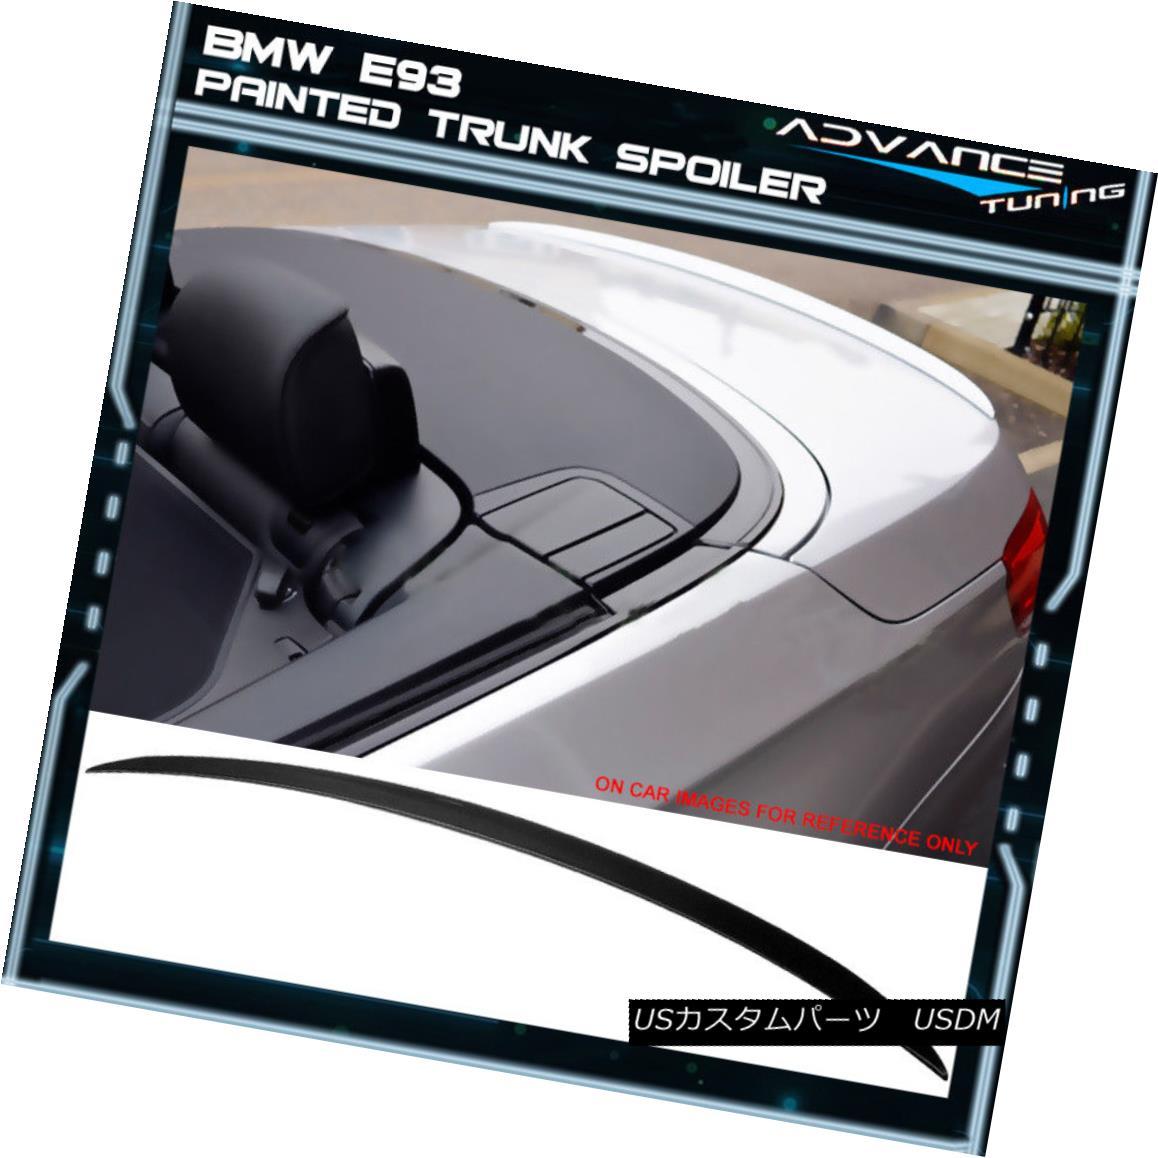 エアロパーツ 07-13 BMW 3-Series E93 Convertible M3 ABS Trunk Spoiler Painted #668 Jet Black 07-13 BMW 3シリーズE93コンバーチブルM3 ABSトランク・スポイラー・ペイント#668ジェット・ブラック